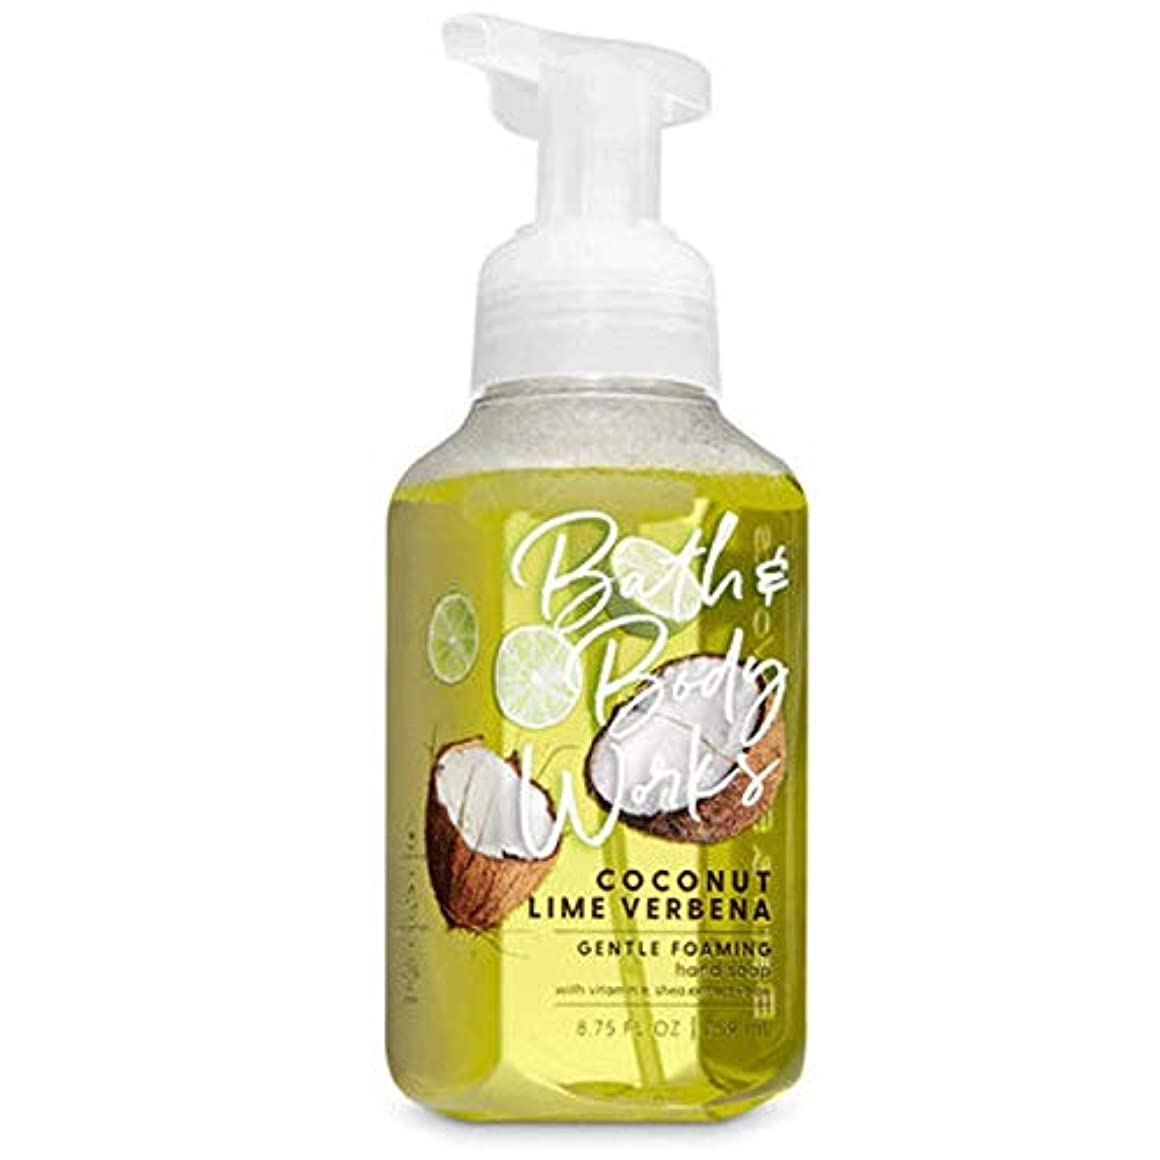 エキス配管工原子炉バス&ボディワークス ココナッツライムバーベナ ジェントル フォーミング ハンドソープ Coconut Lime Verbena Gentle Foaming Hand Soap